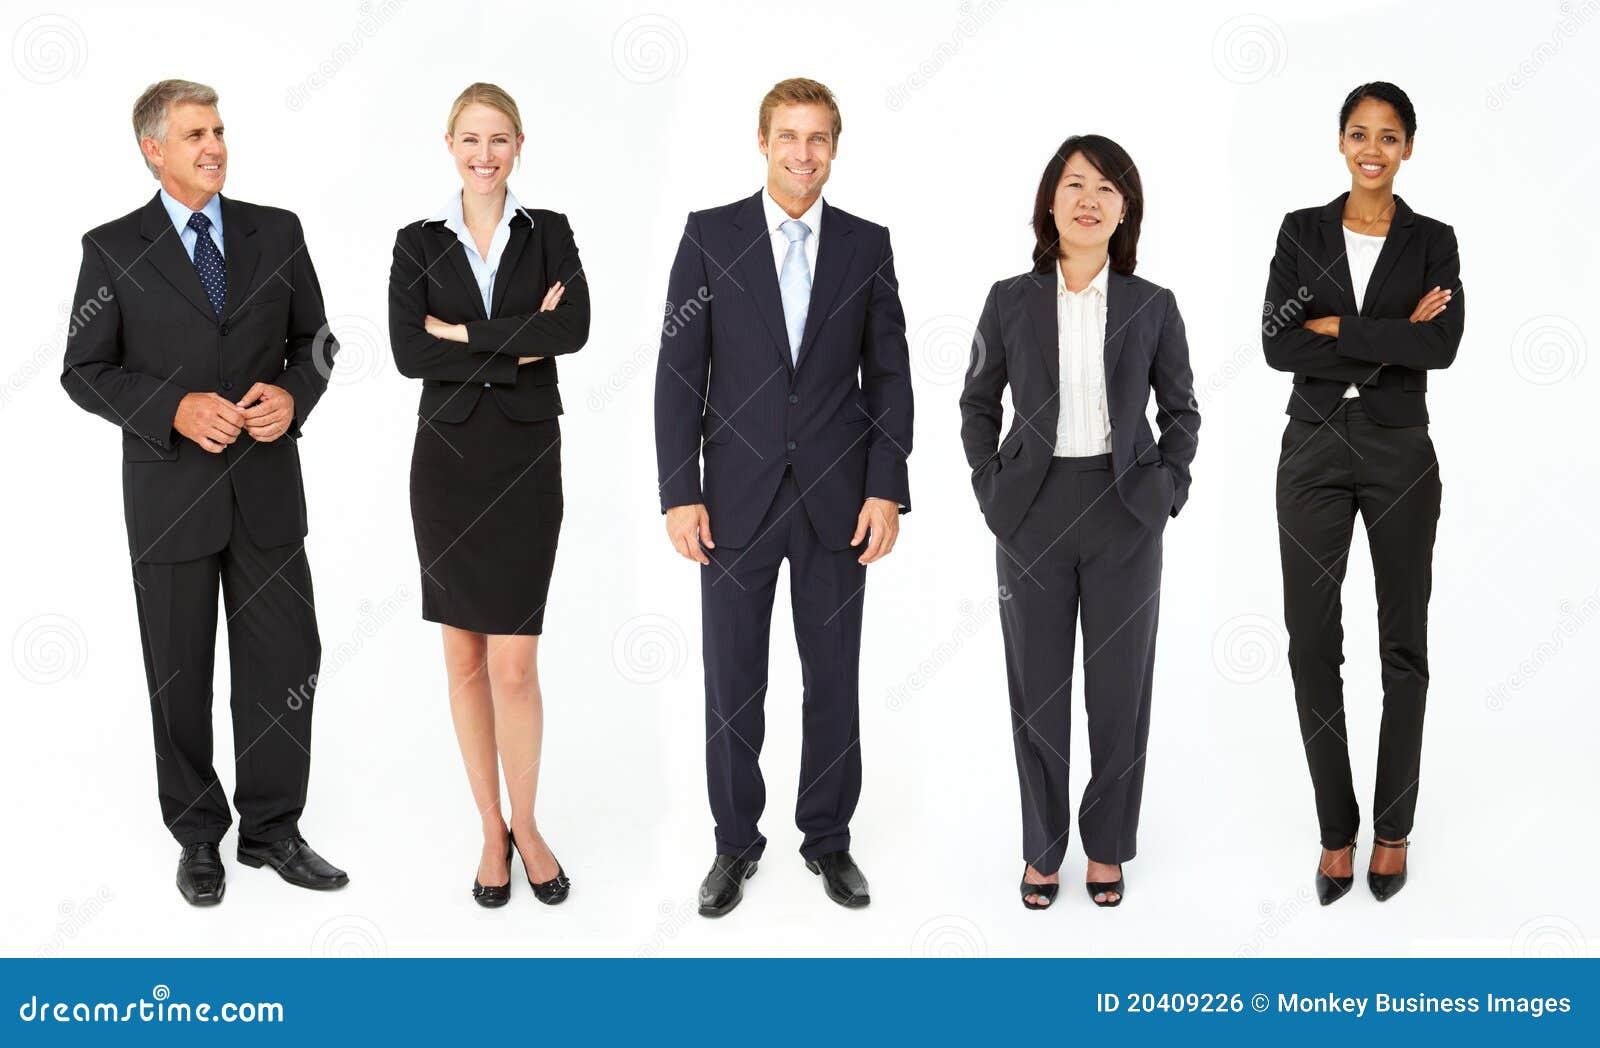 Смешанная группа в составе бизнесмены и женщины